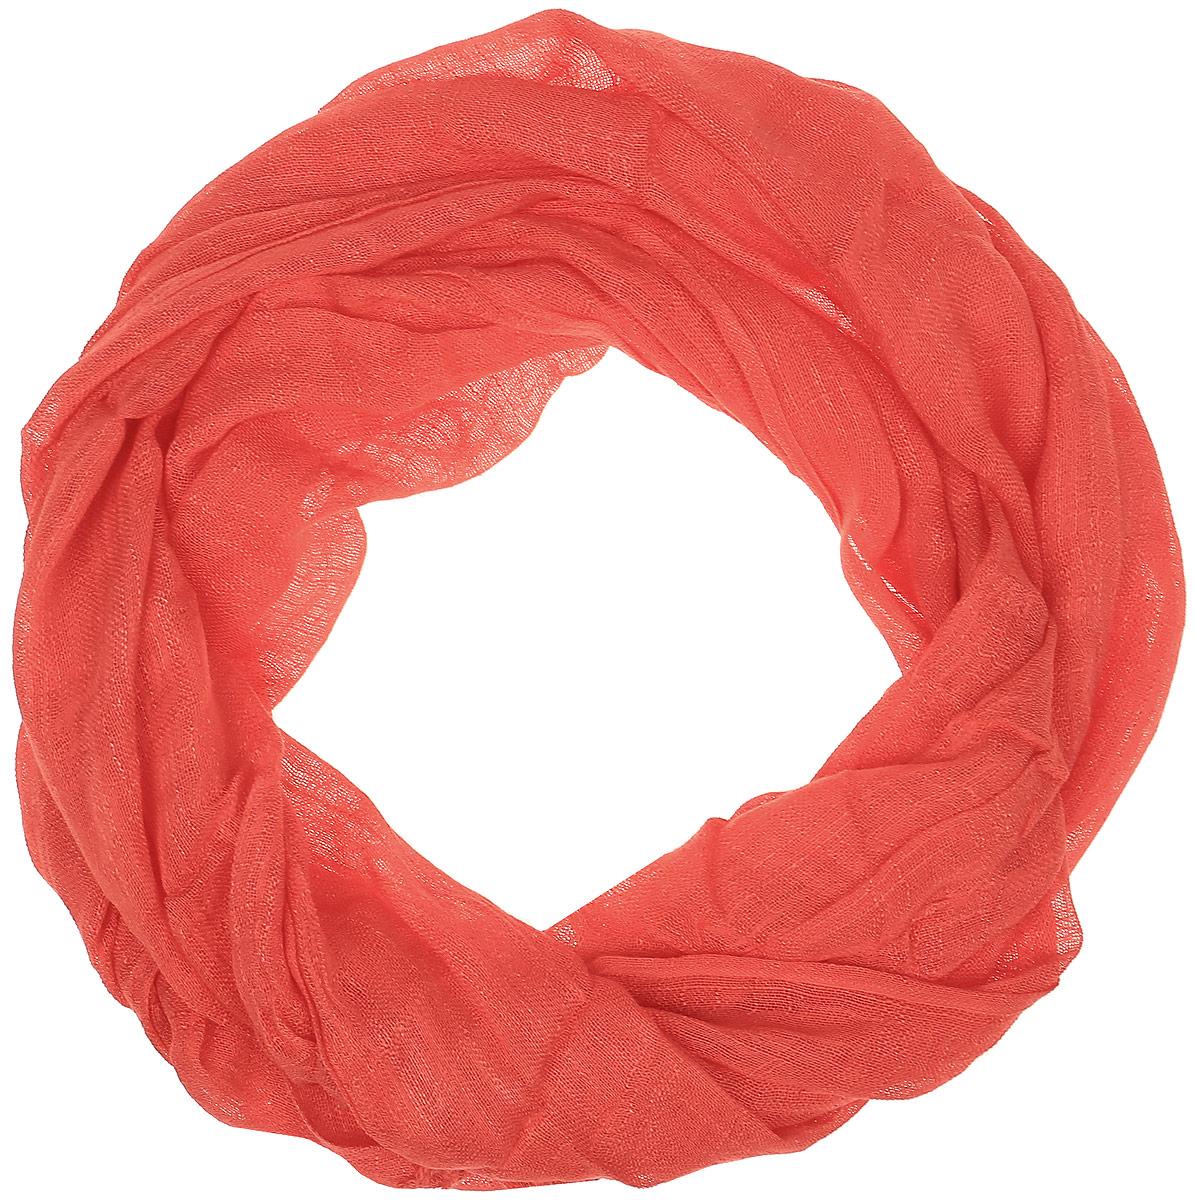 Палантин Vita Pelle, цвет: коралловый. Ro02P135S/110. Размер 62 см х 175 смRo02P135S/110Палантин от Vita Pelle изготовлен изо льна и вискозы. Края изделия дополнены бахромой.